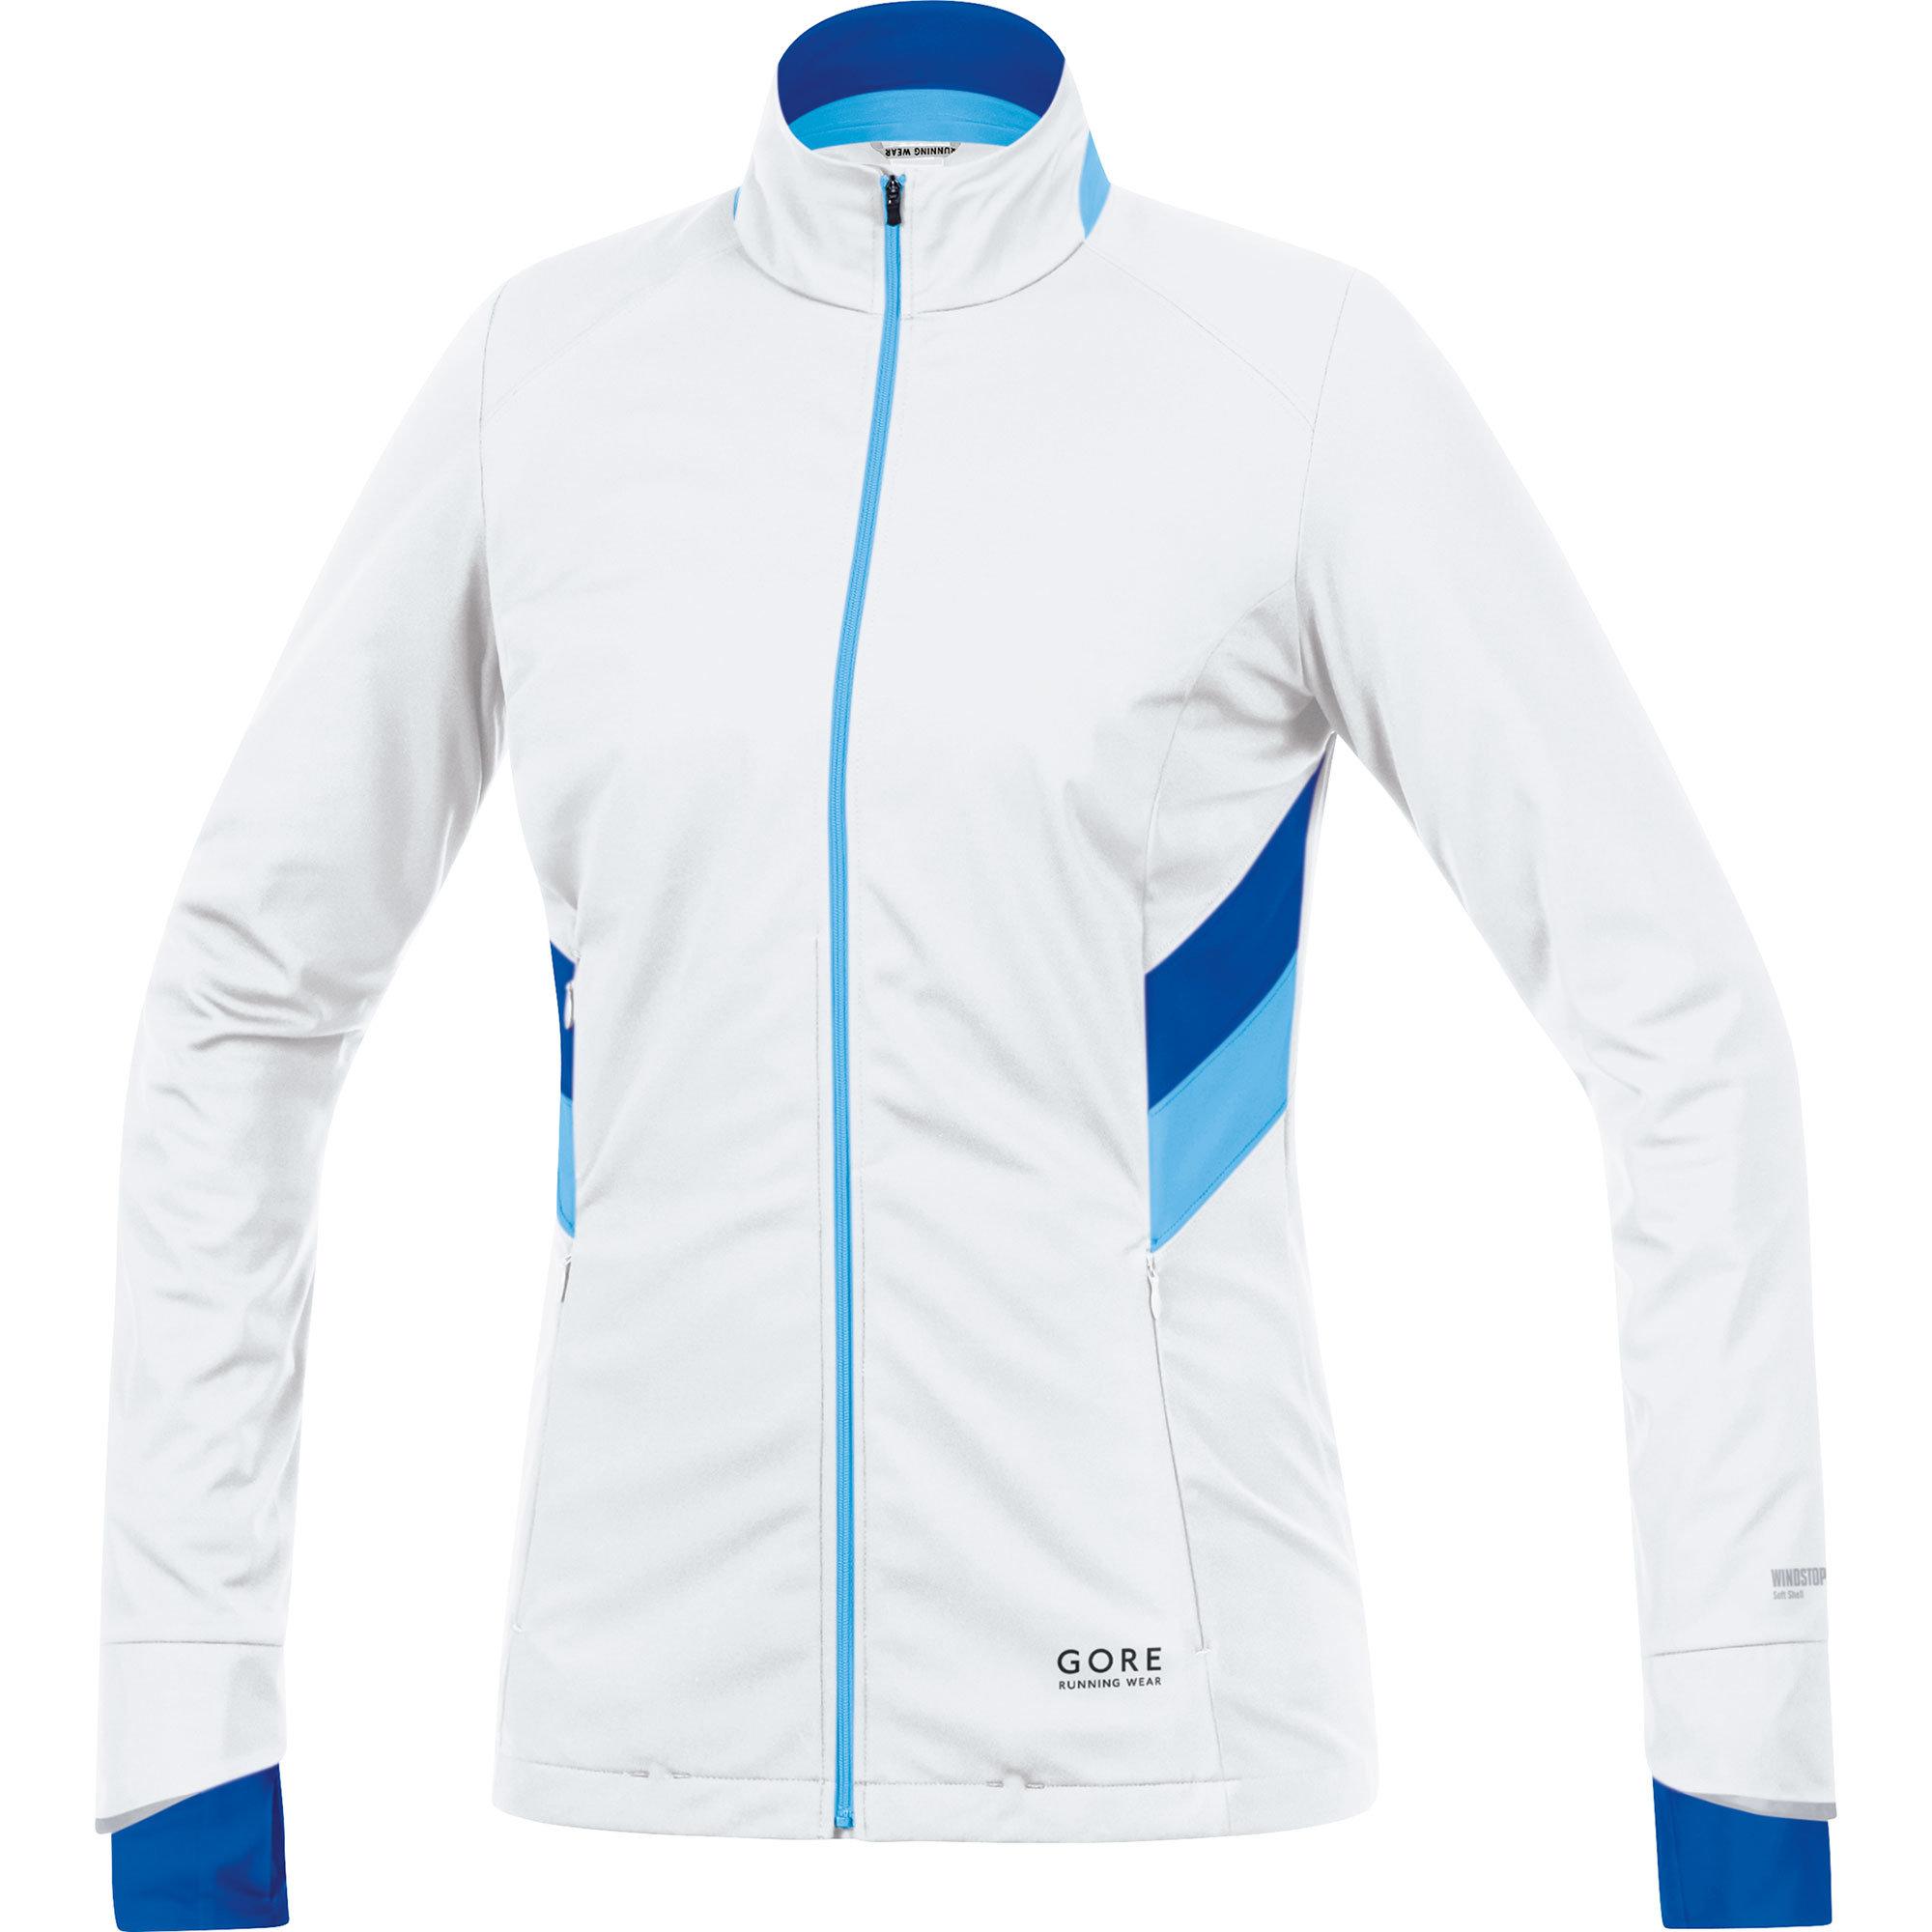 Gore Sunlight WS SO Lady Jacket in Weiss Blau